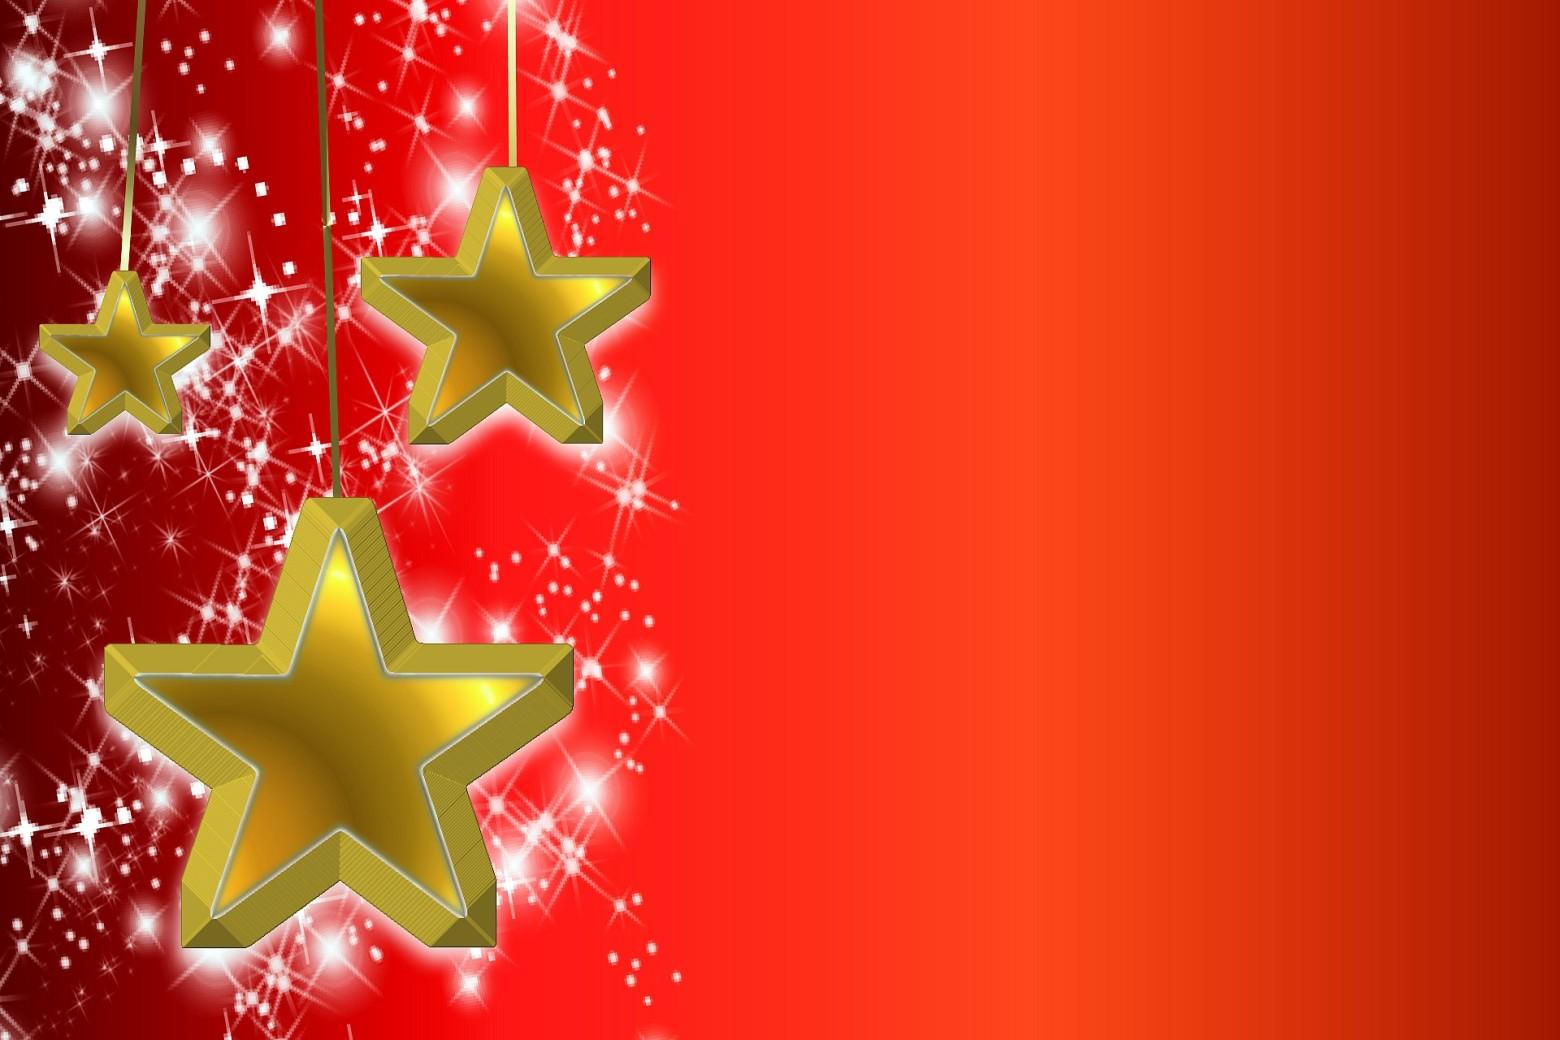 Exceptionnel fond rouge noel avec des étoiles images gratuites | images  SI91